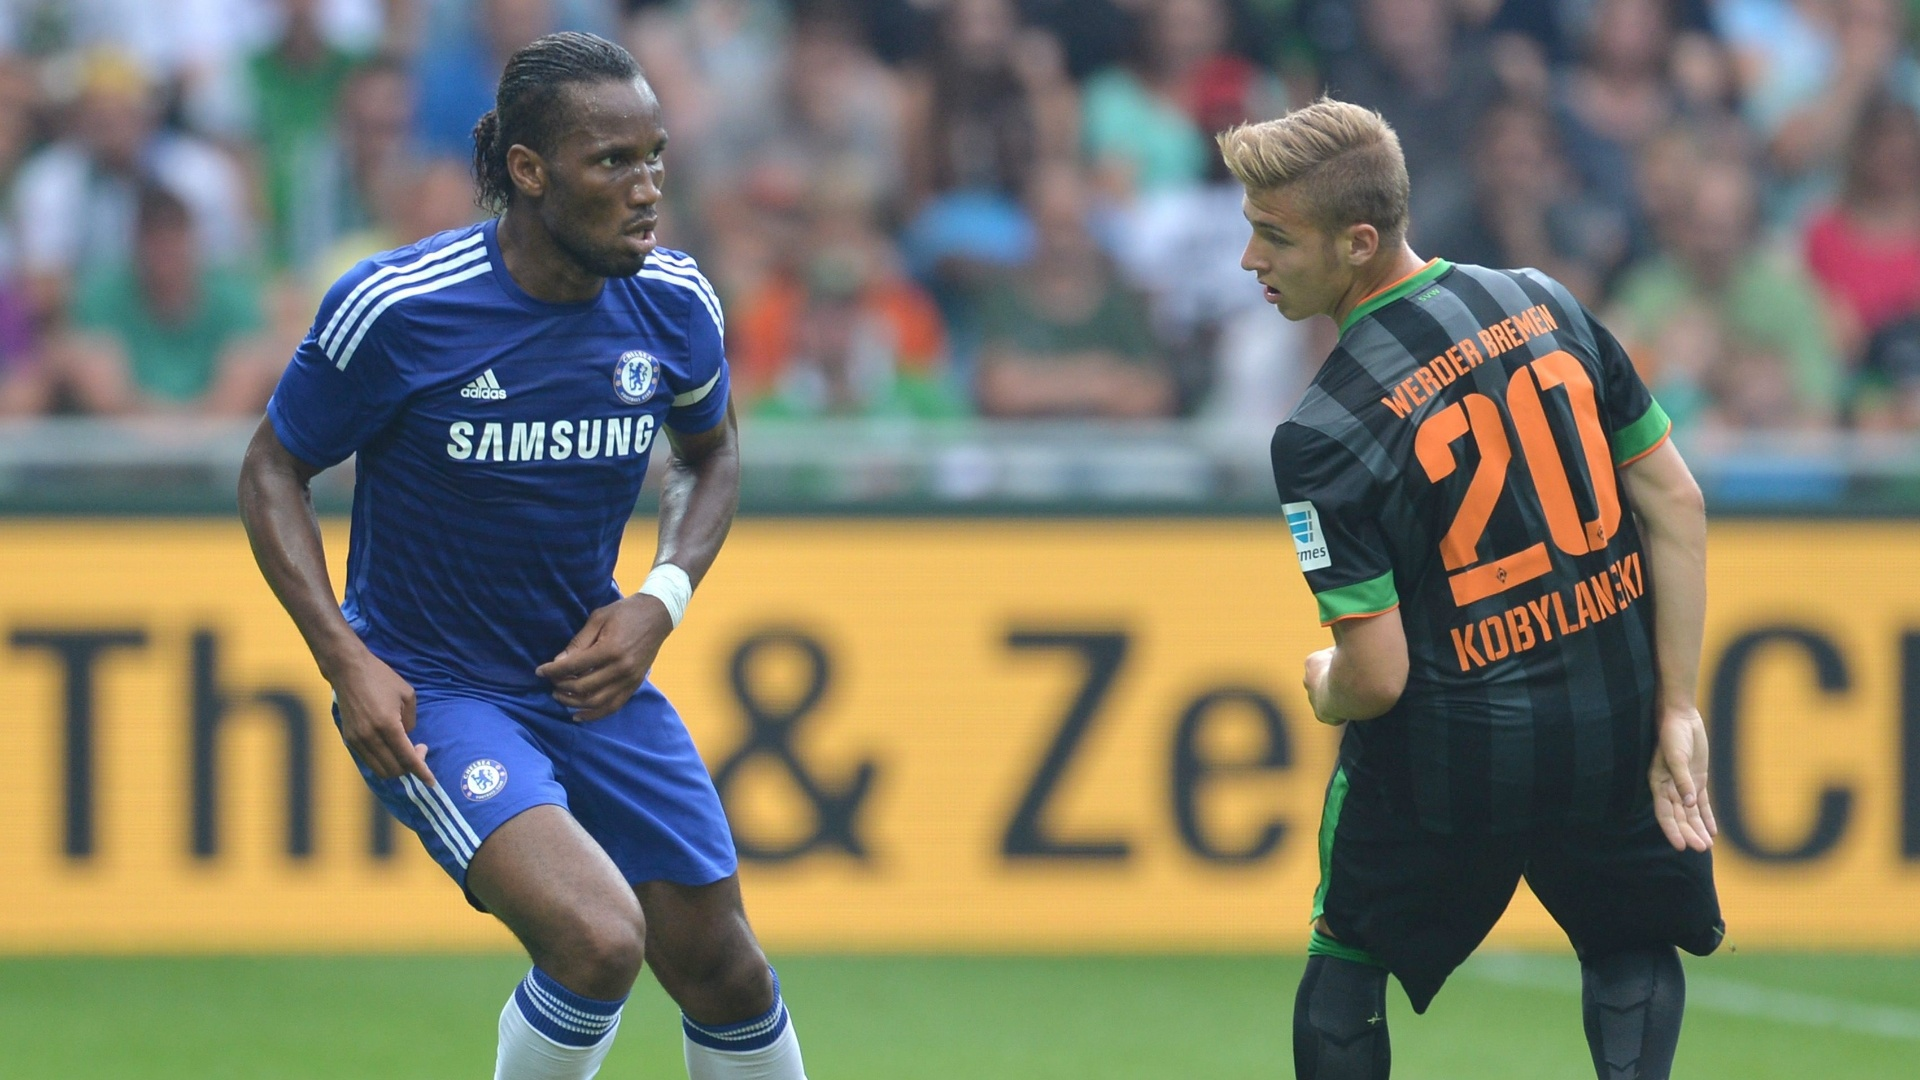 Didier Drogba domina a bola em amistoso do Chelsea contra o Werder Bremen, na Alemanha